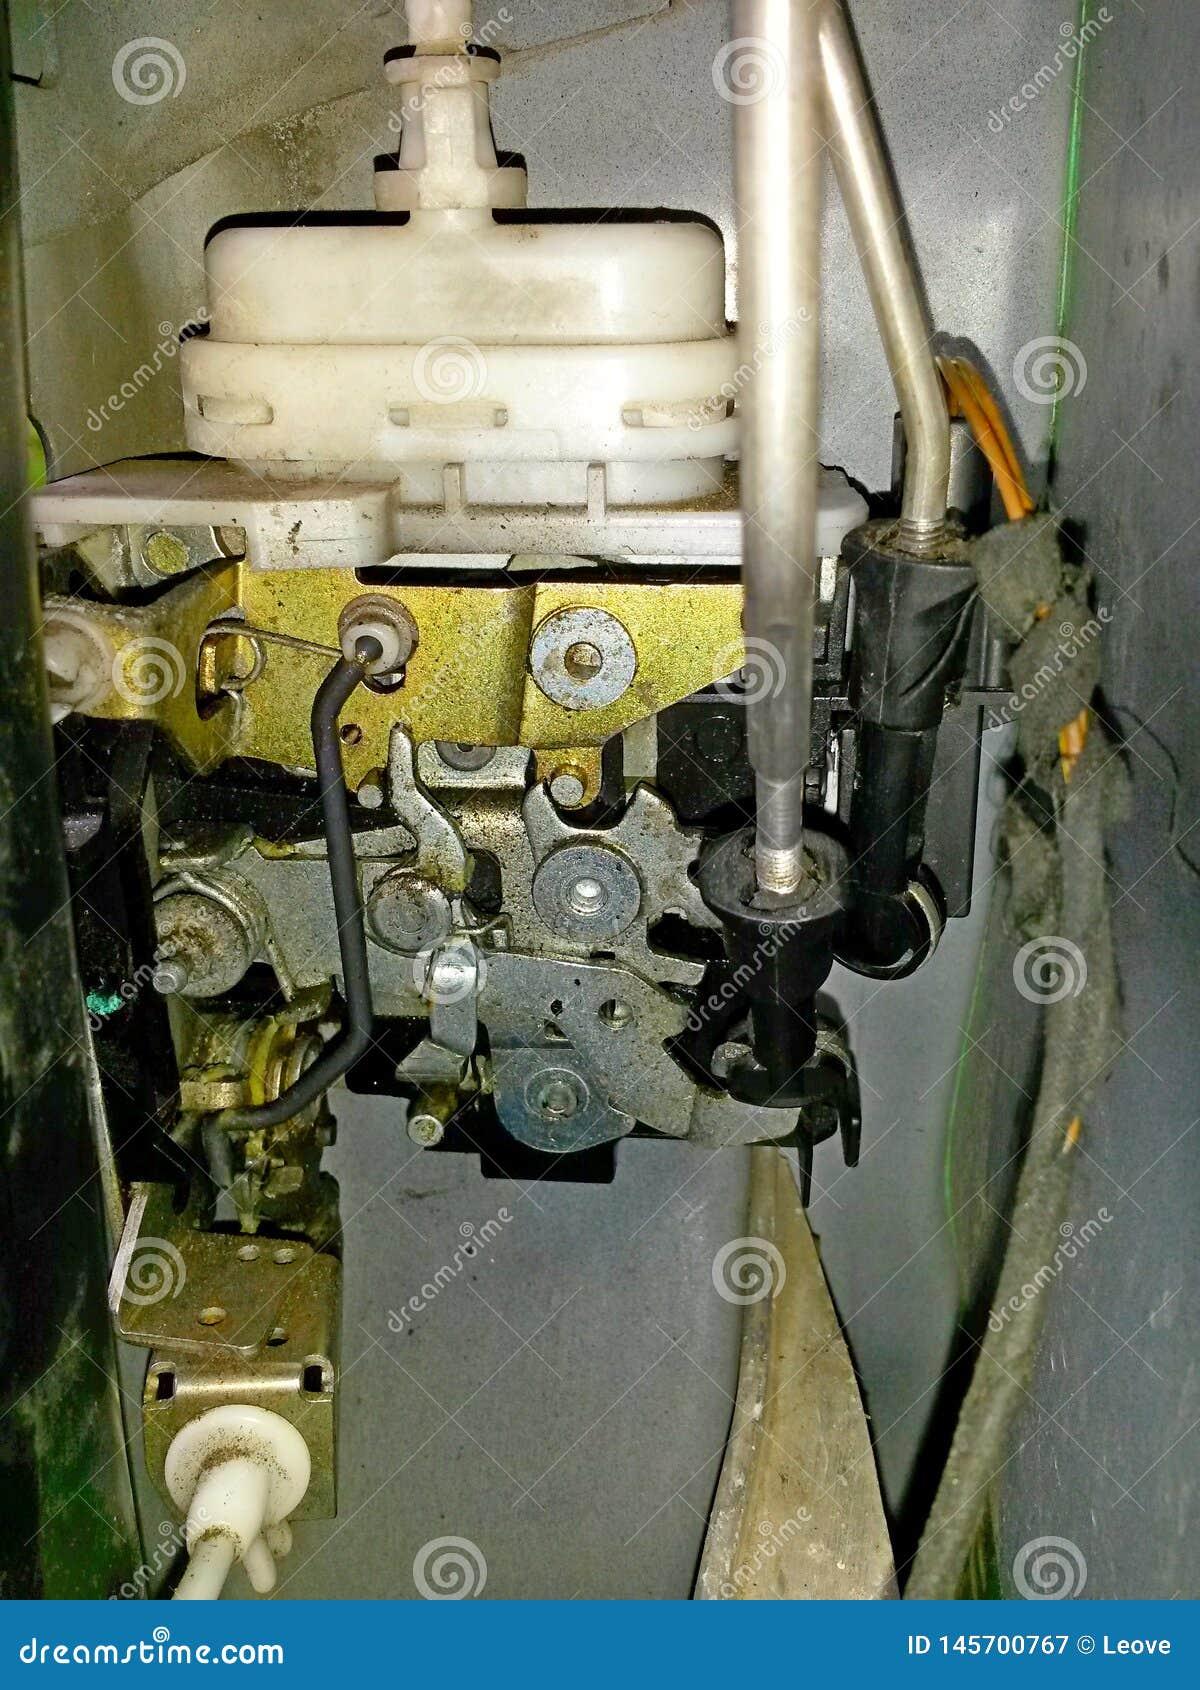 Mécanisme de serrure de portière de voiture, électrique-pneumatique, couvert de poussière